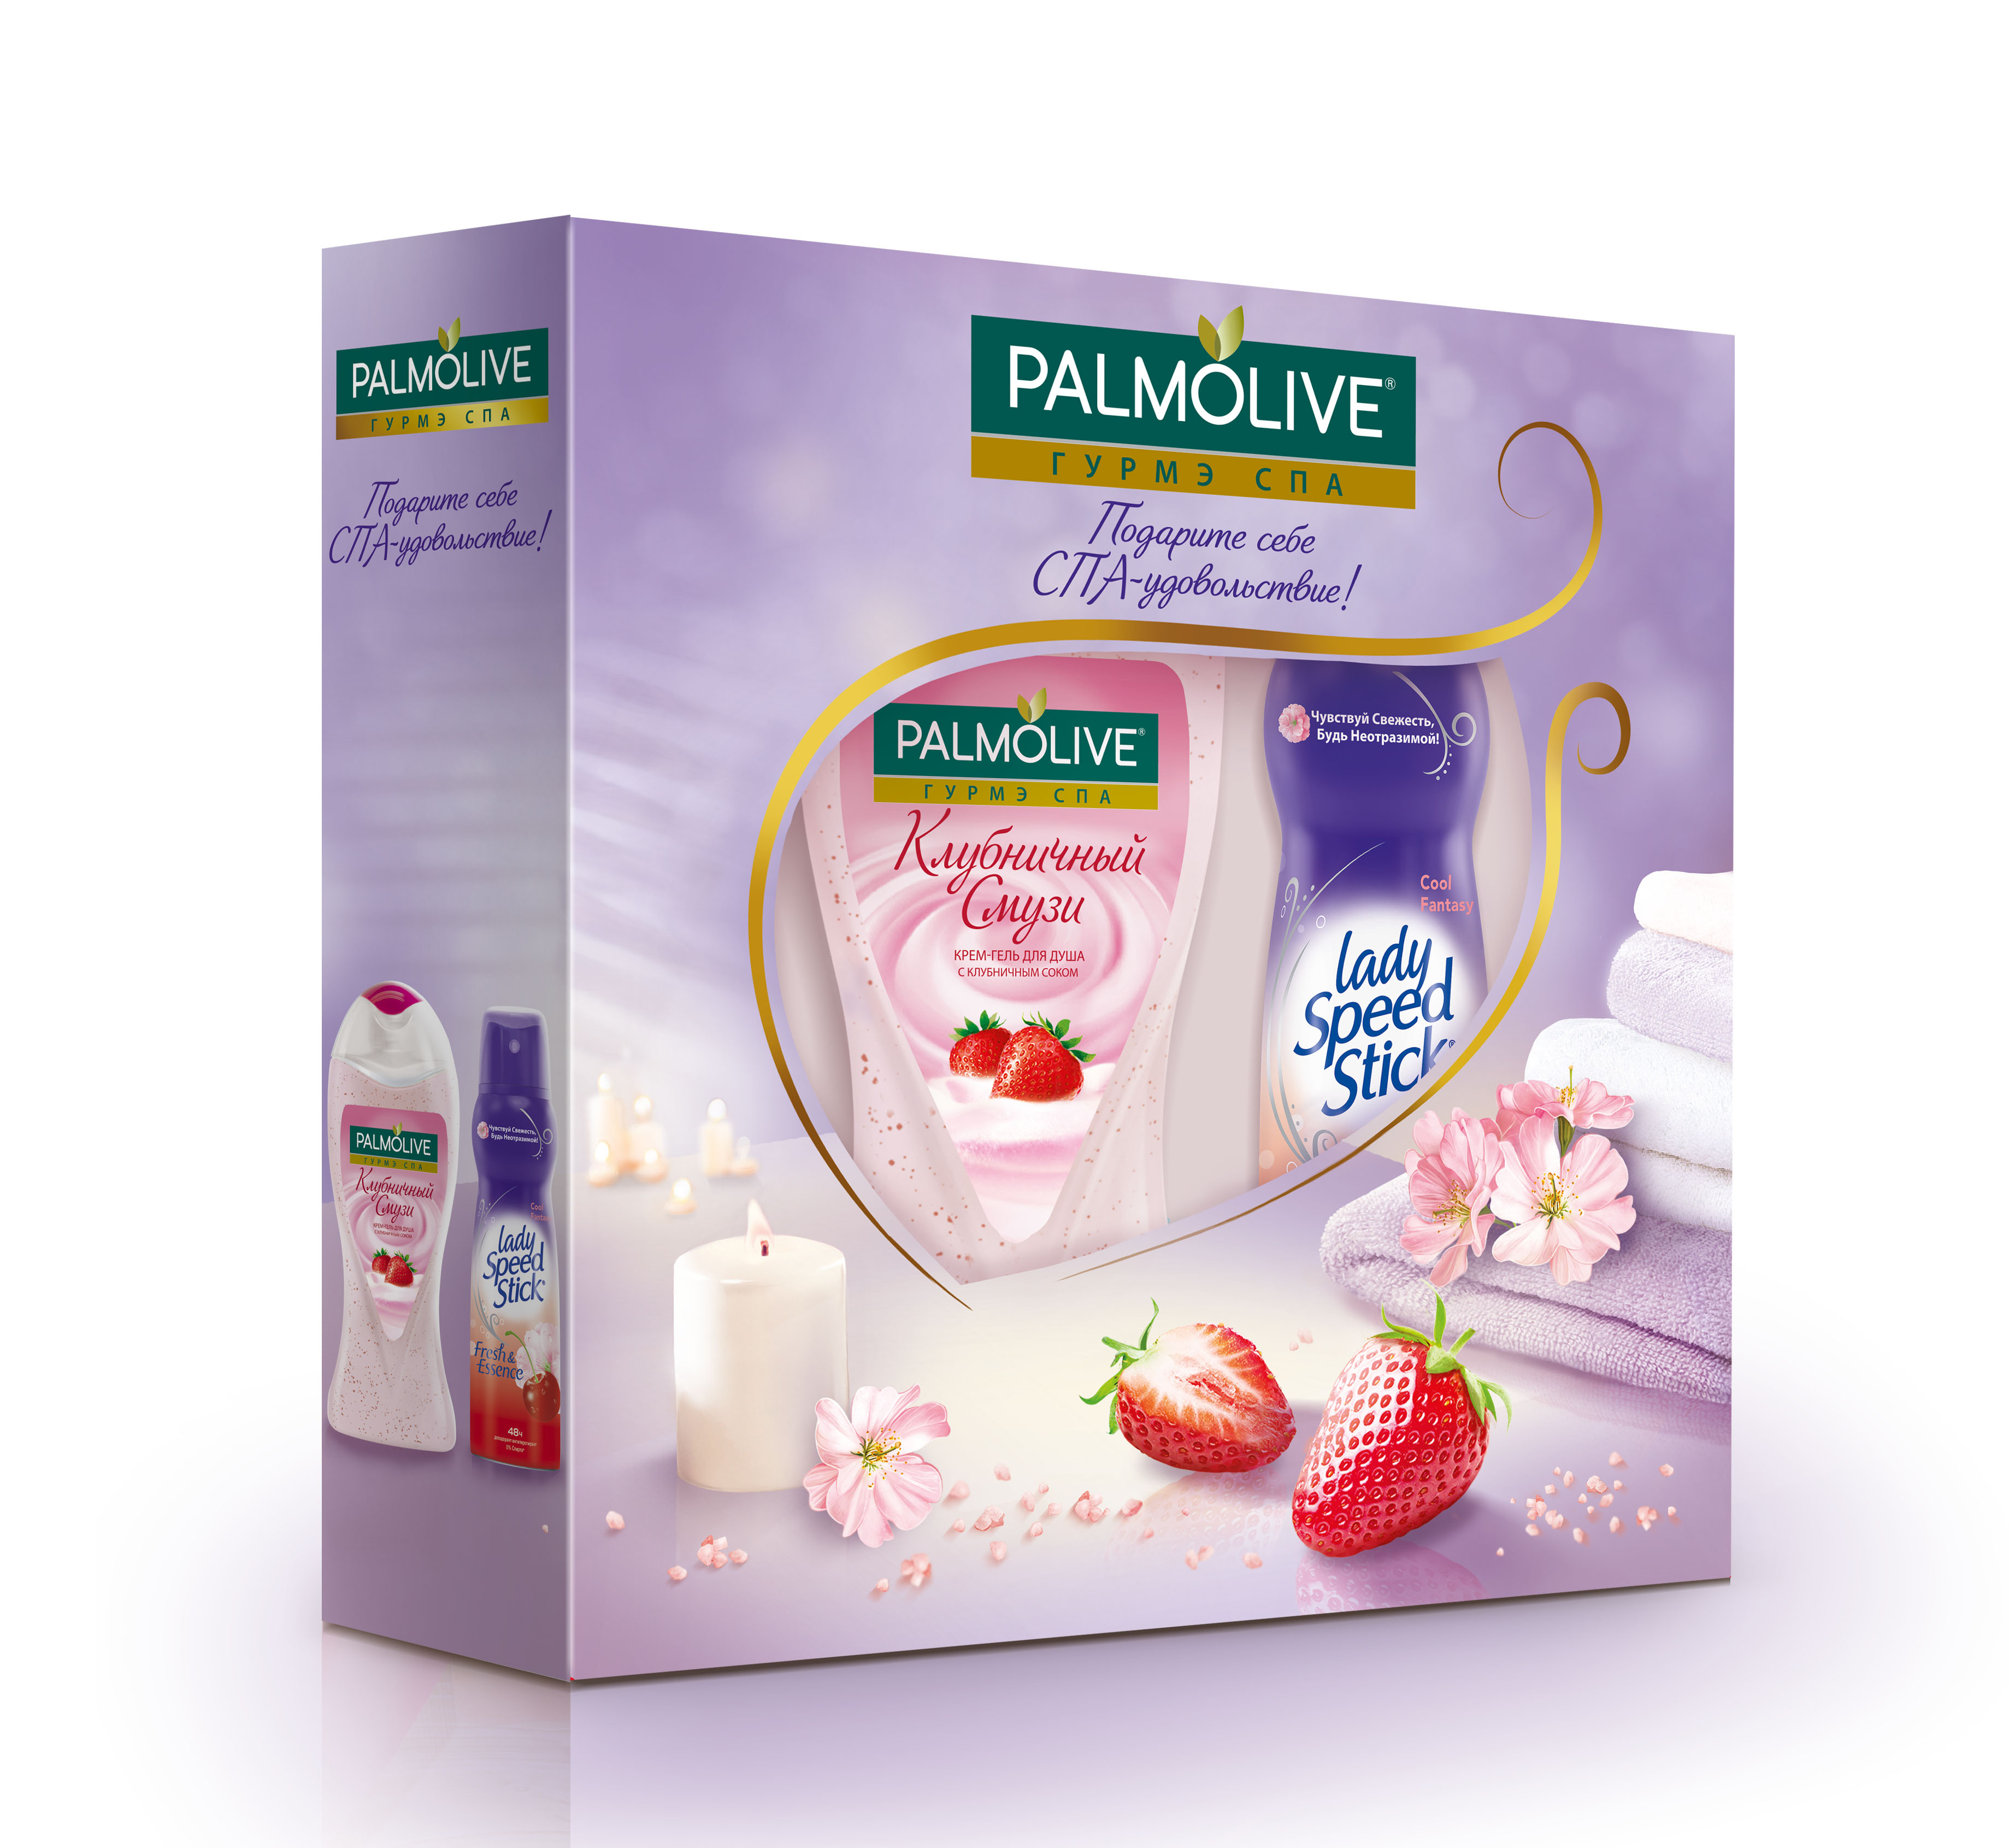 Подарочный набор Palmolive СПА-удовольствие04135396115Гель для душа Клубничный Смузи 250мл - 1шт, спрей Леди Спид Стик Вишня 150мл - 1шт в коробке